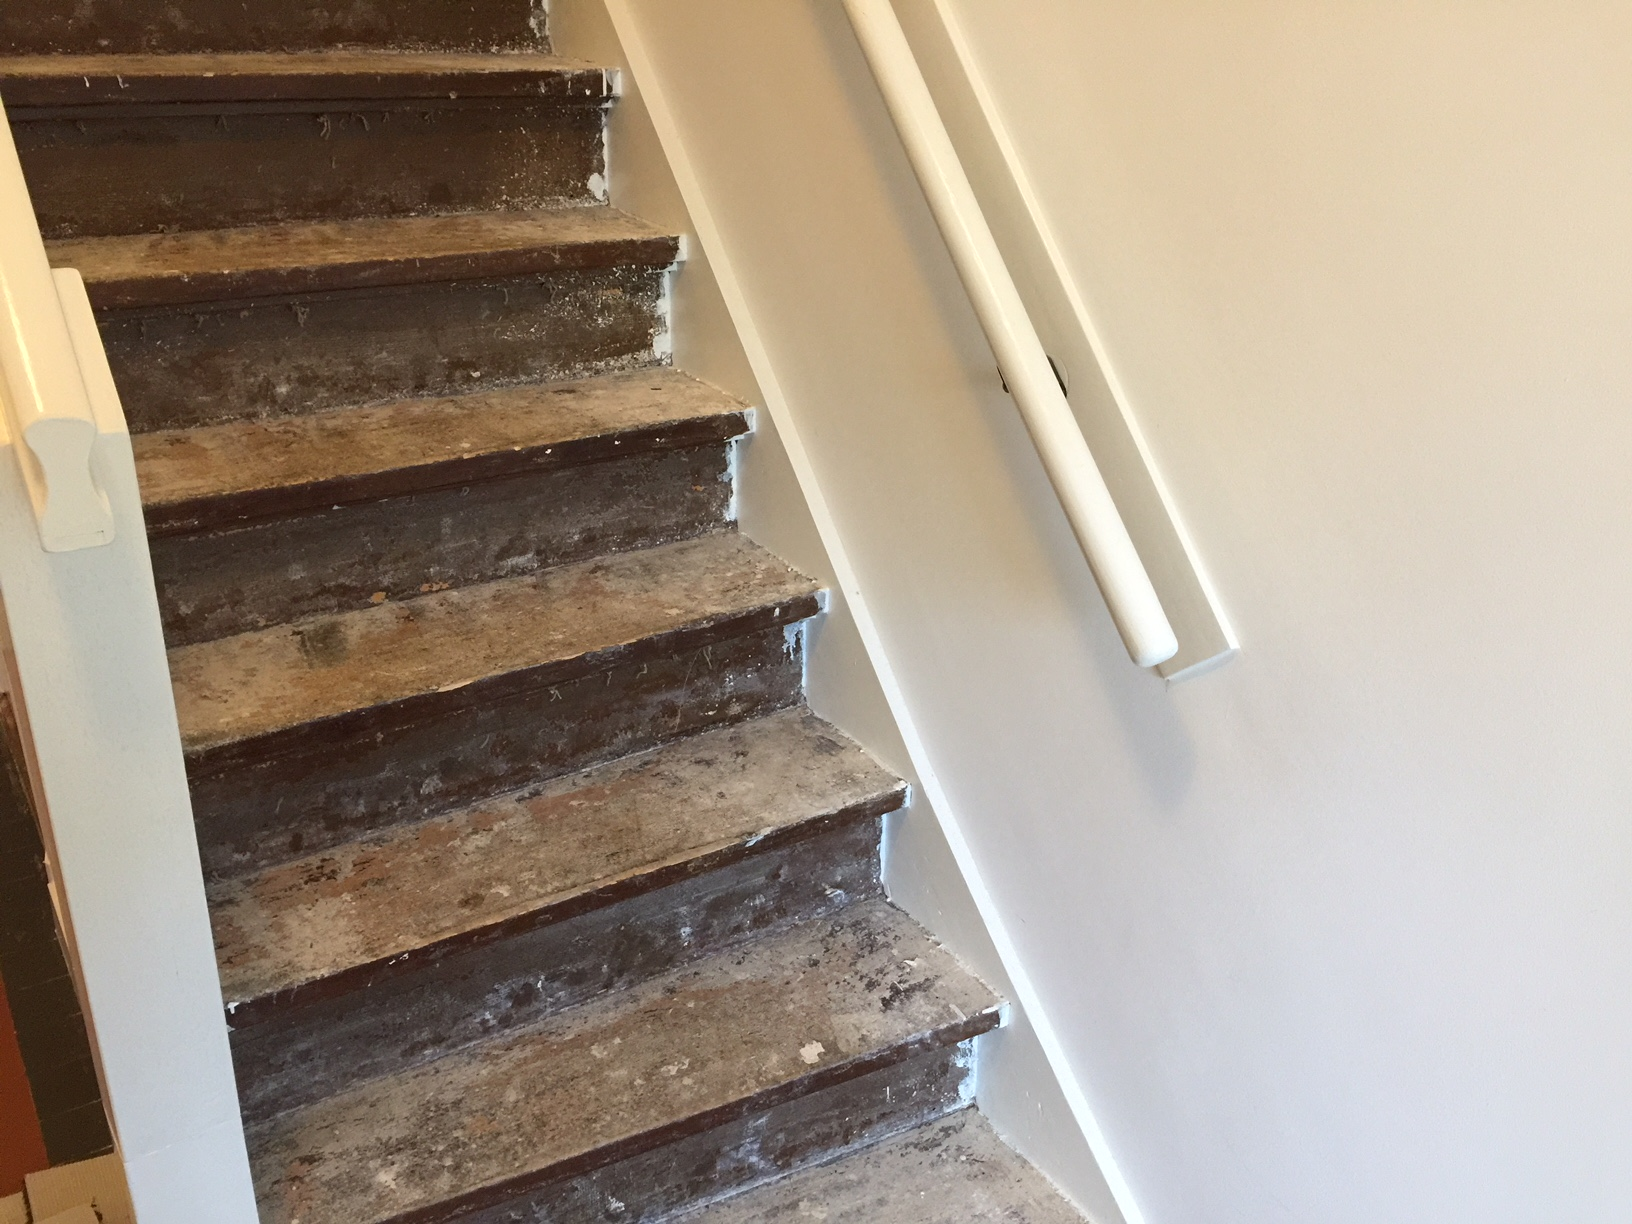 Tapijt trap verwijderen vloerbedekking trap verwijderen